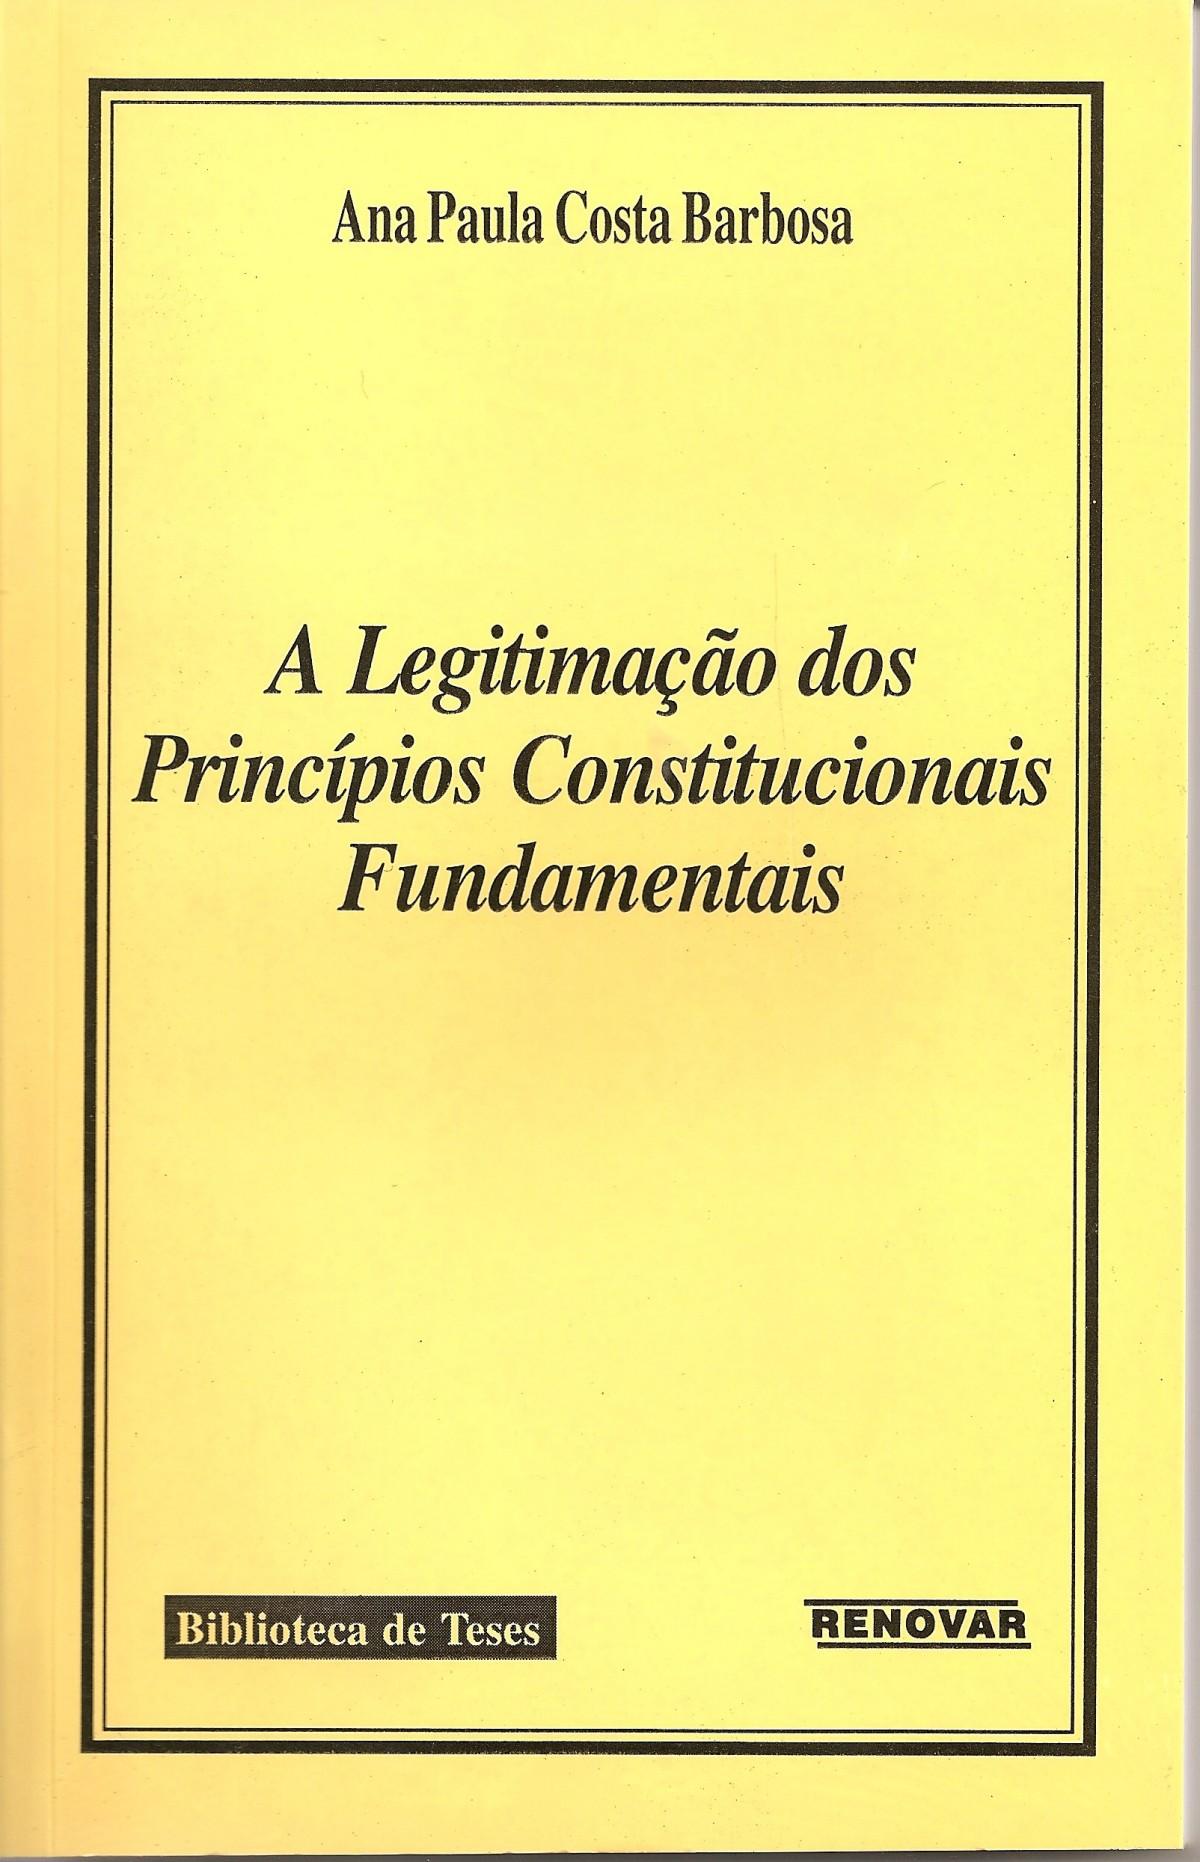 Foto 1 - A Legitimação dos Princípios Constitucionais Fundamentais